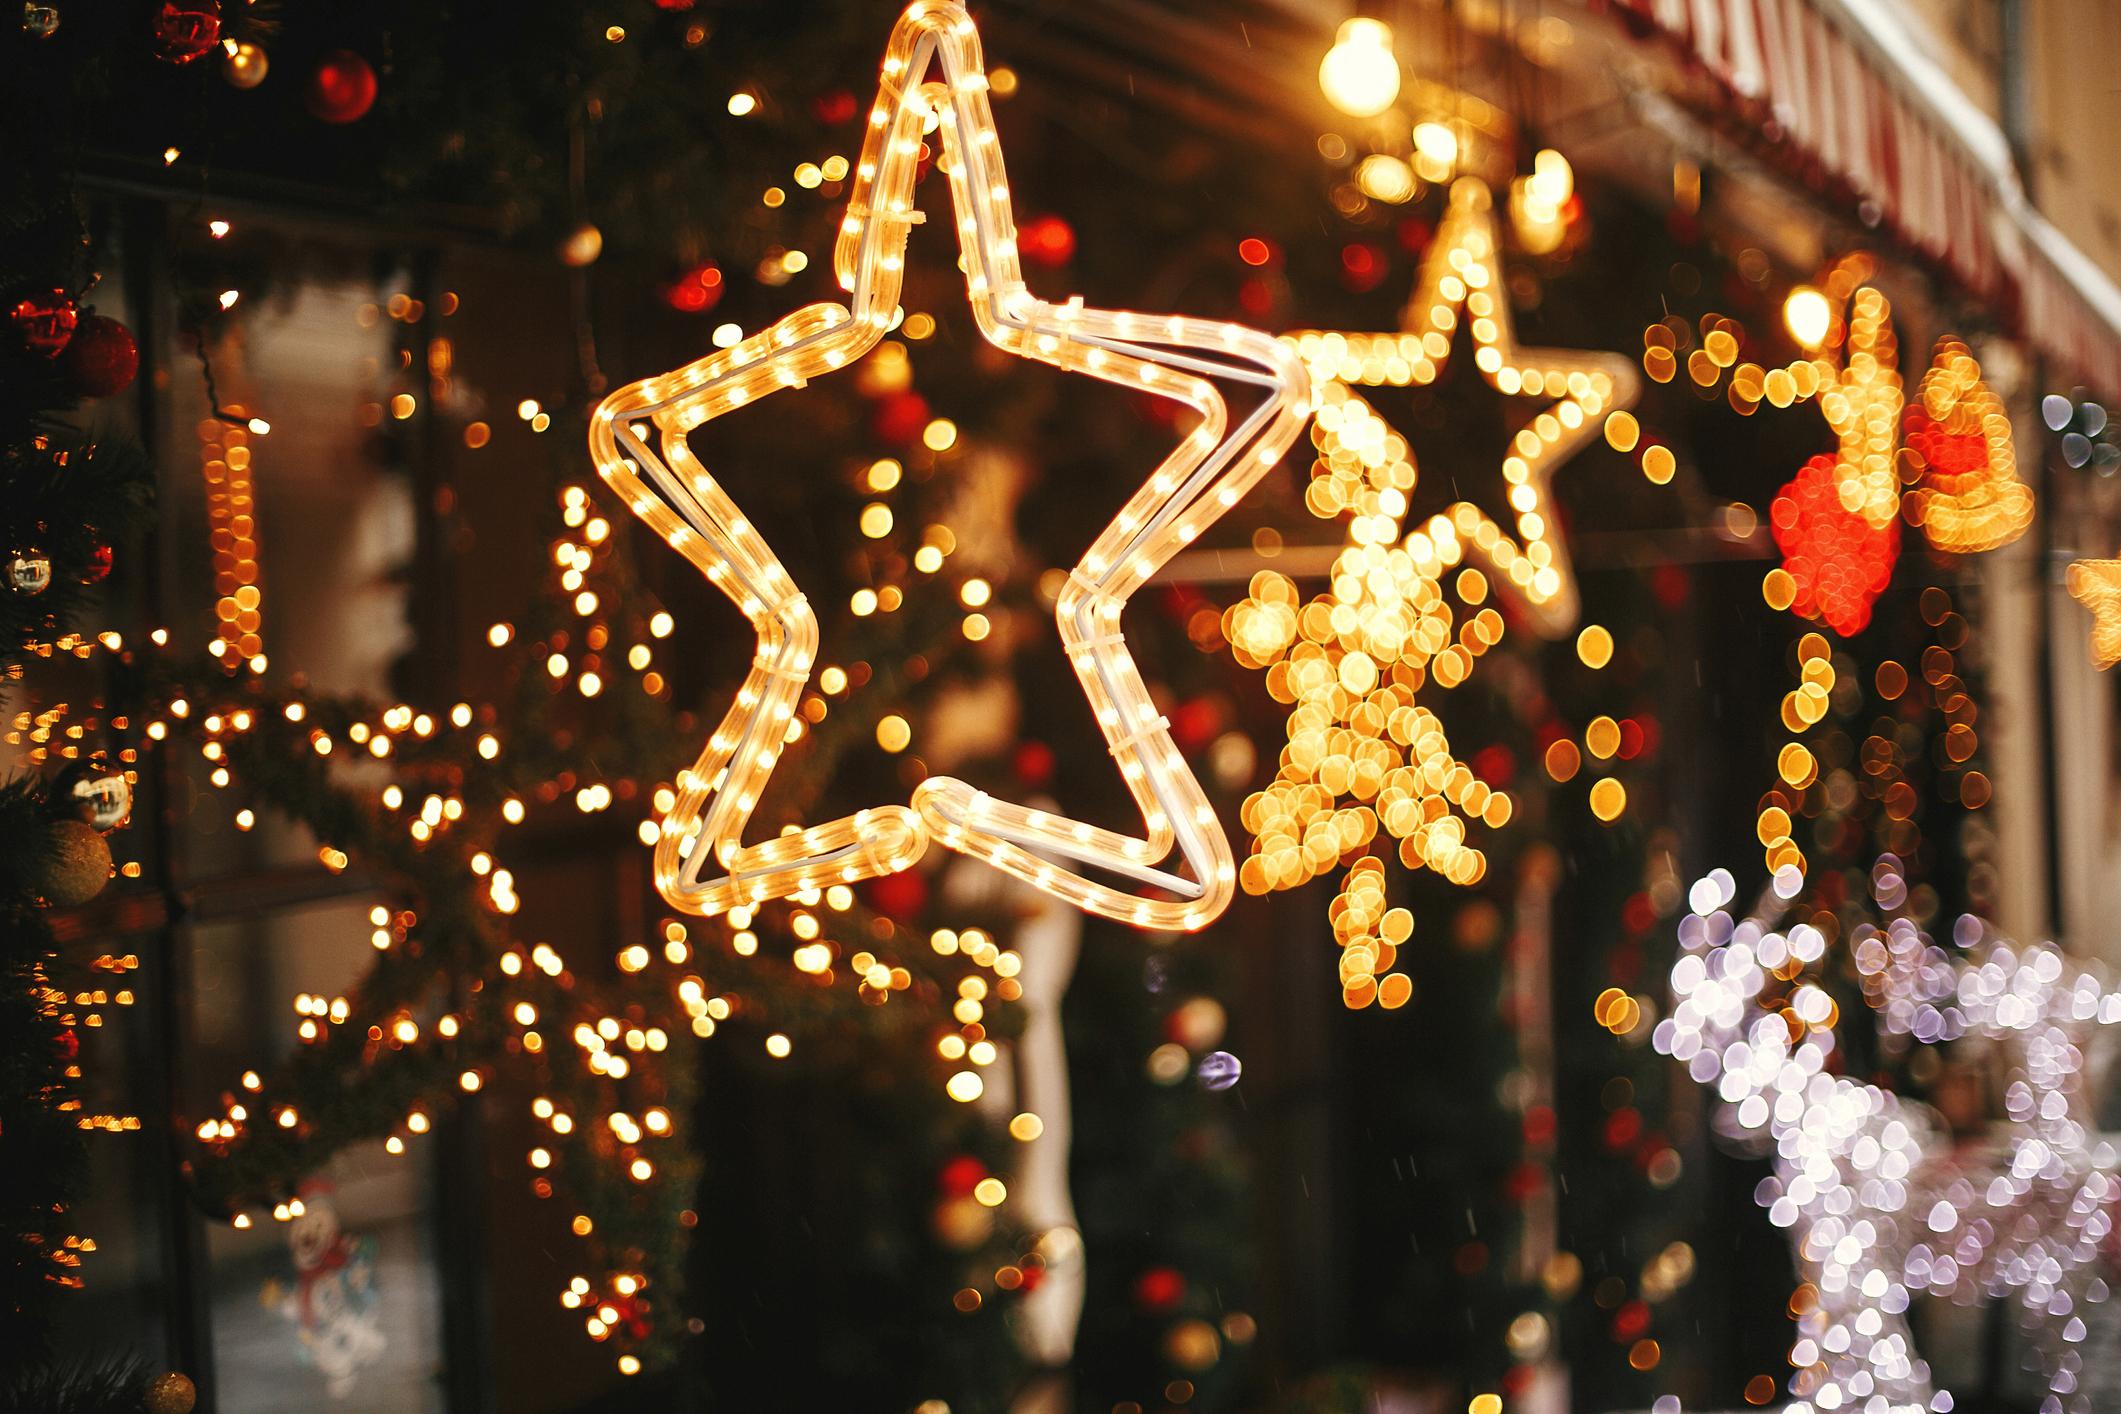 Storia e origine delle luci di Natale